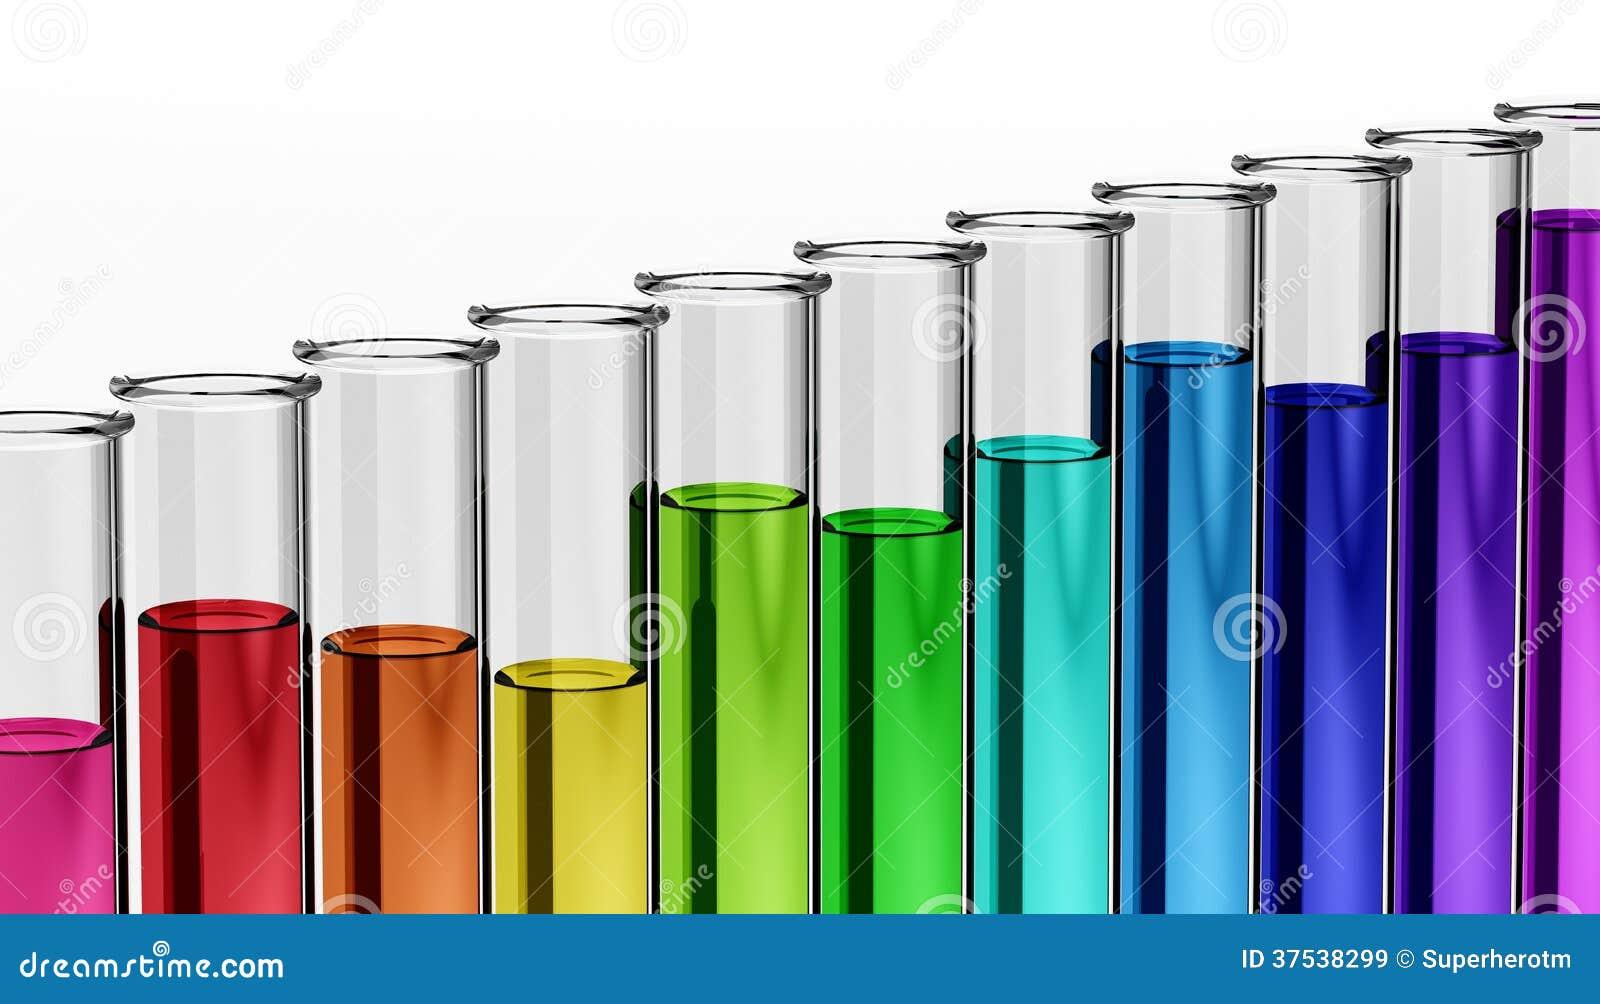 3d chimie recherche tube essai produit chimique images libres de droits image 37538299. Black Bedroom Furniture Sets. Home Design Ideas